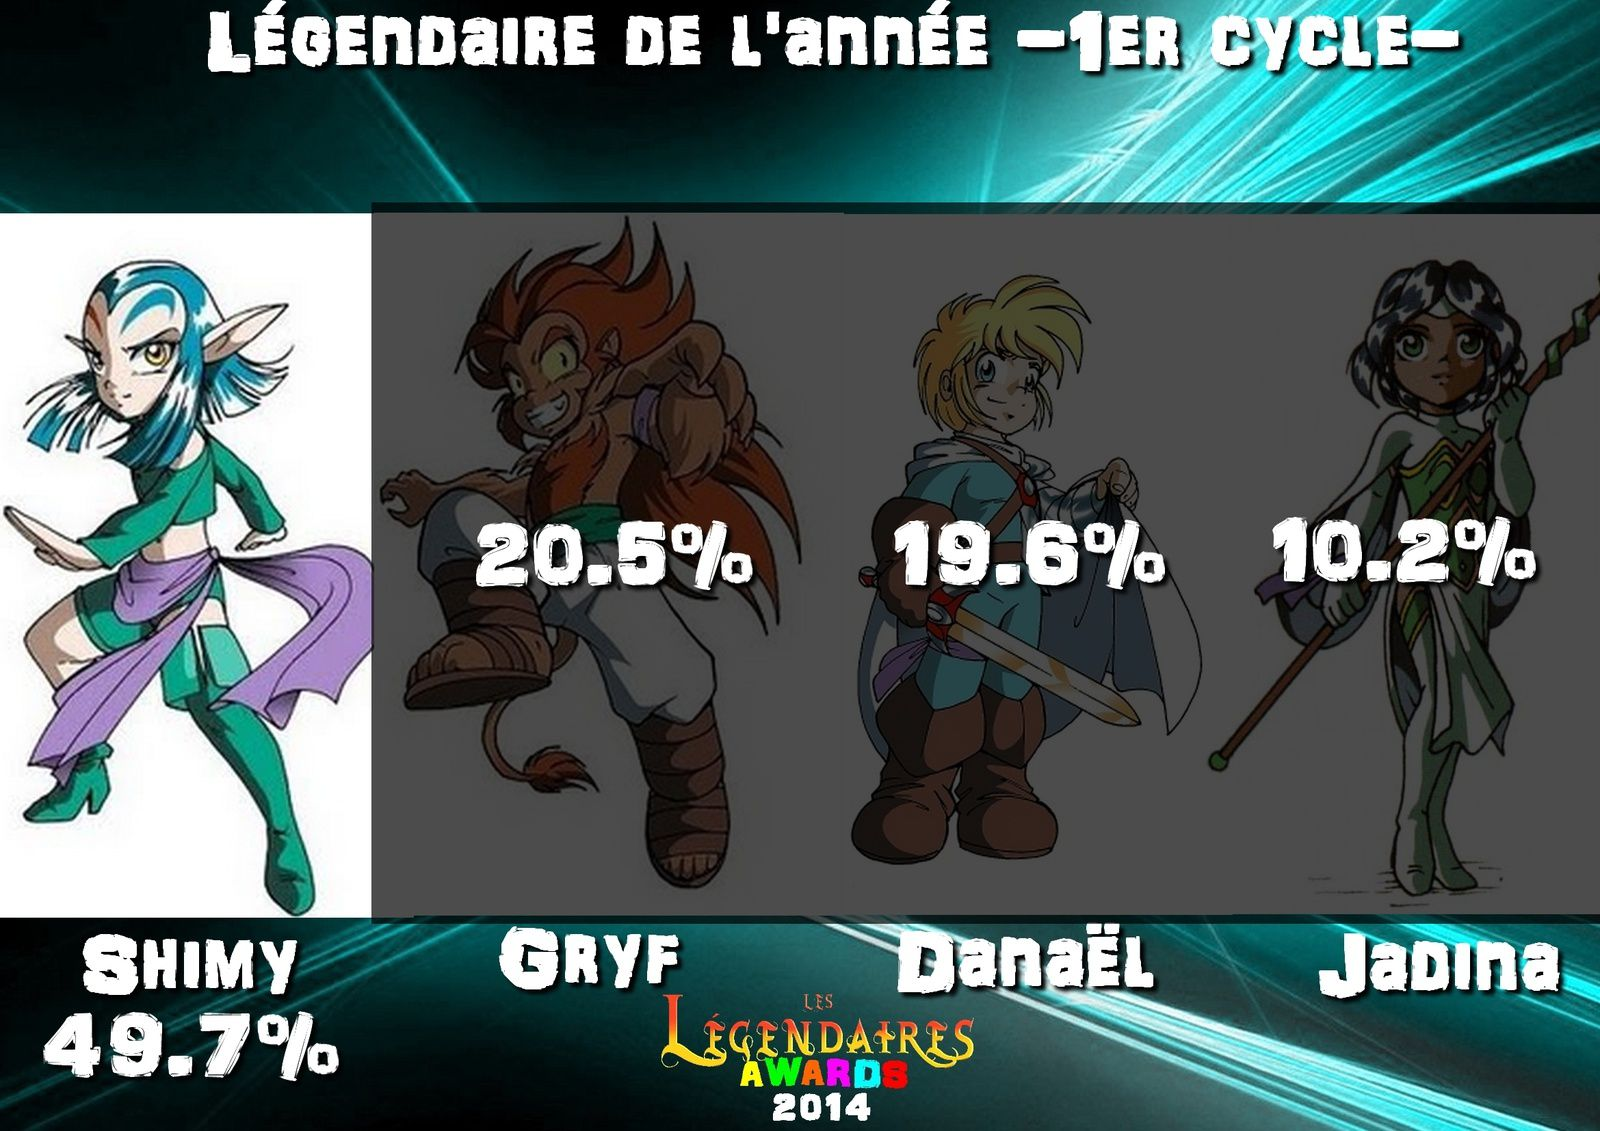 Les Légendaires AWARDS 2014 - Résultats